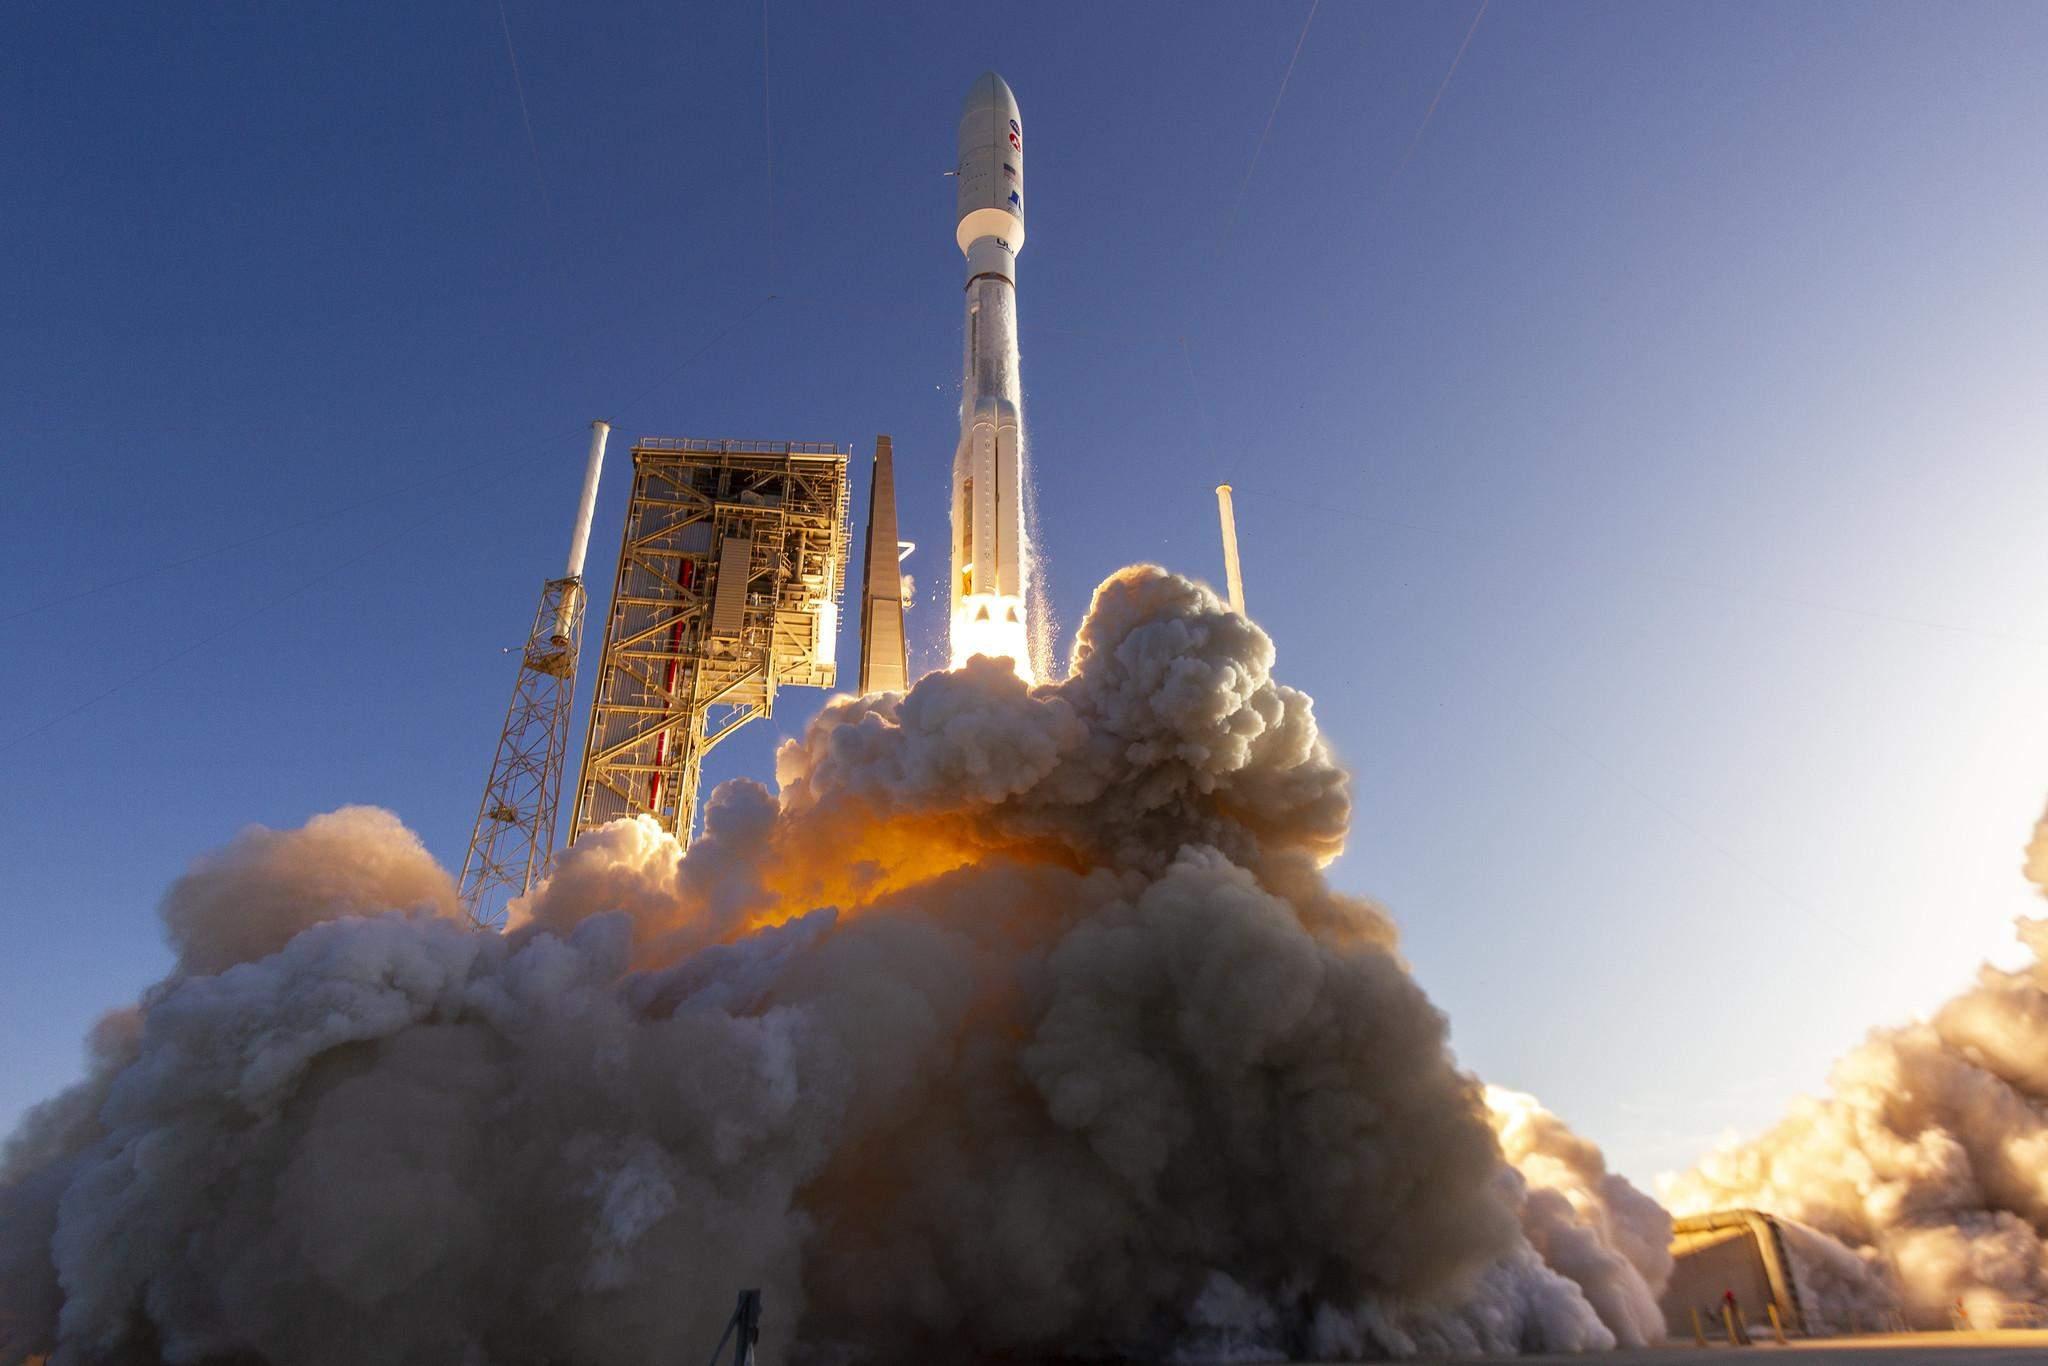 Атлас 5 виведе супутники Джефа Безоса